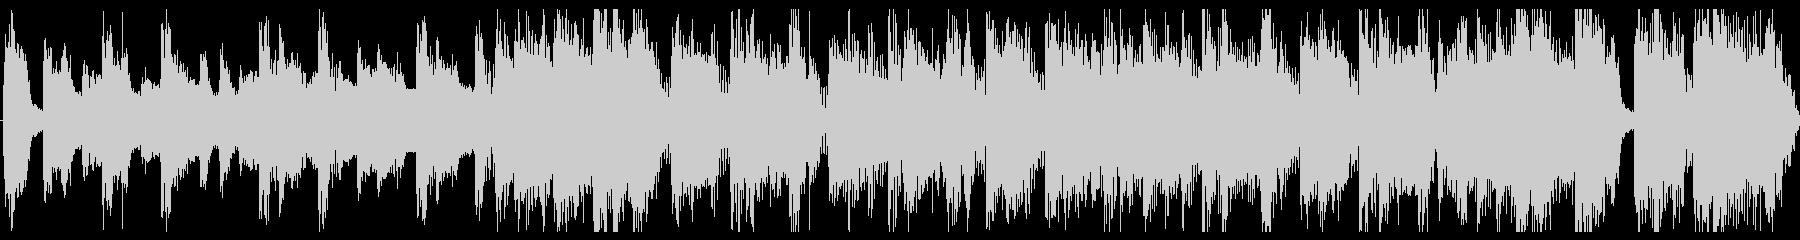 出囃子 15秒 手拍子しやすい音源の未再生の波形